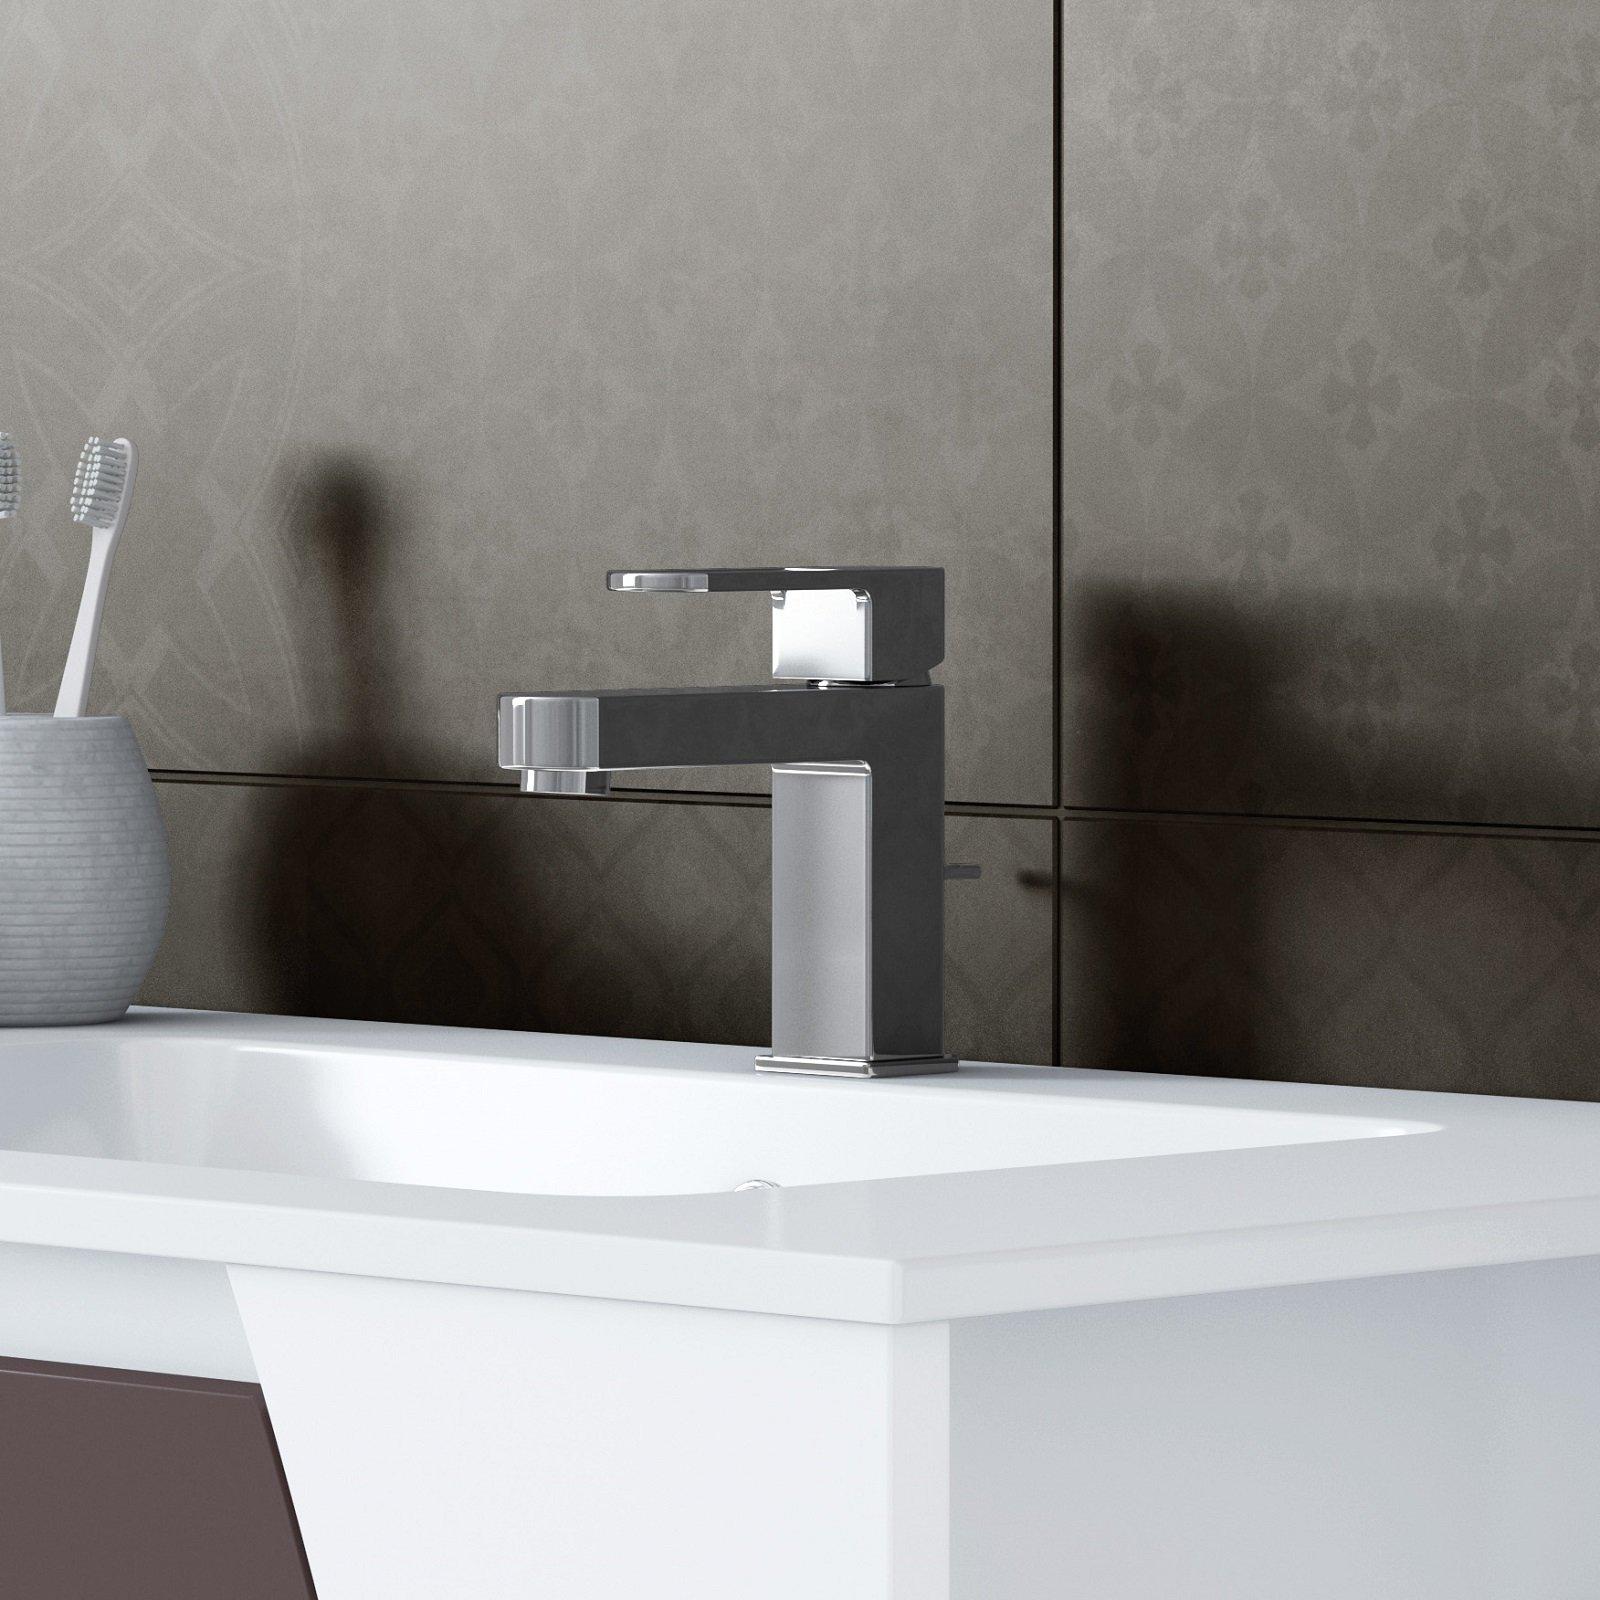 Risparmio d acqua ed energia e un piacevole design sono i - Rubinetti bagno leroy merlin ...